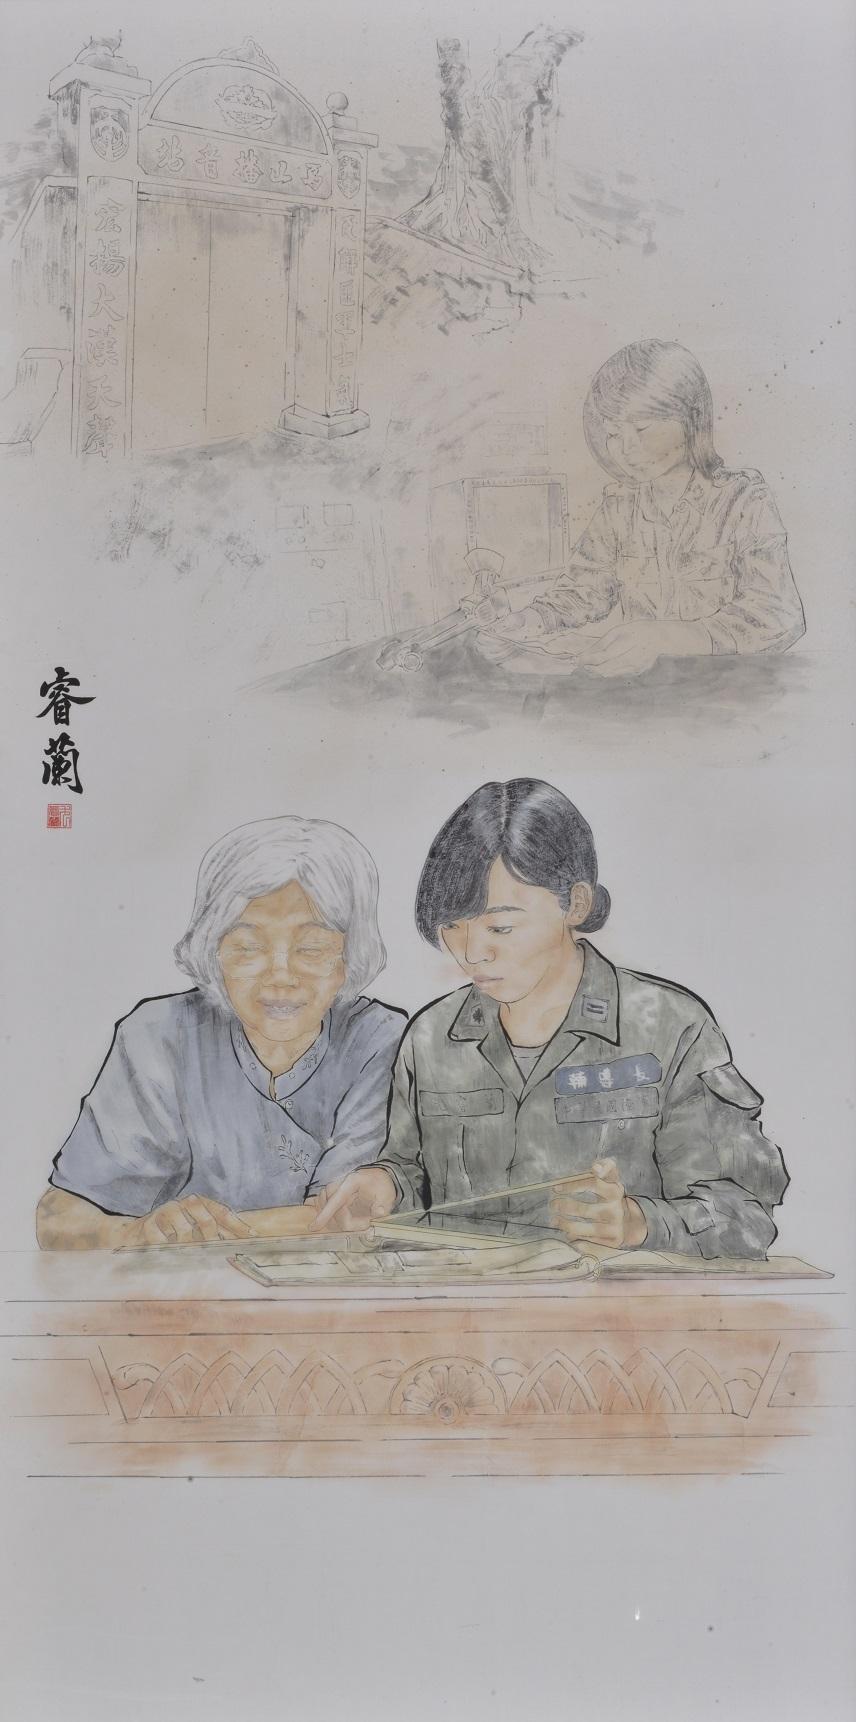 優選3_甲子之間(作者:尤睿蘭)